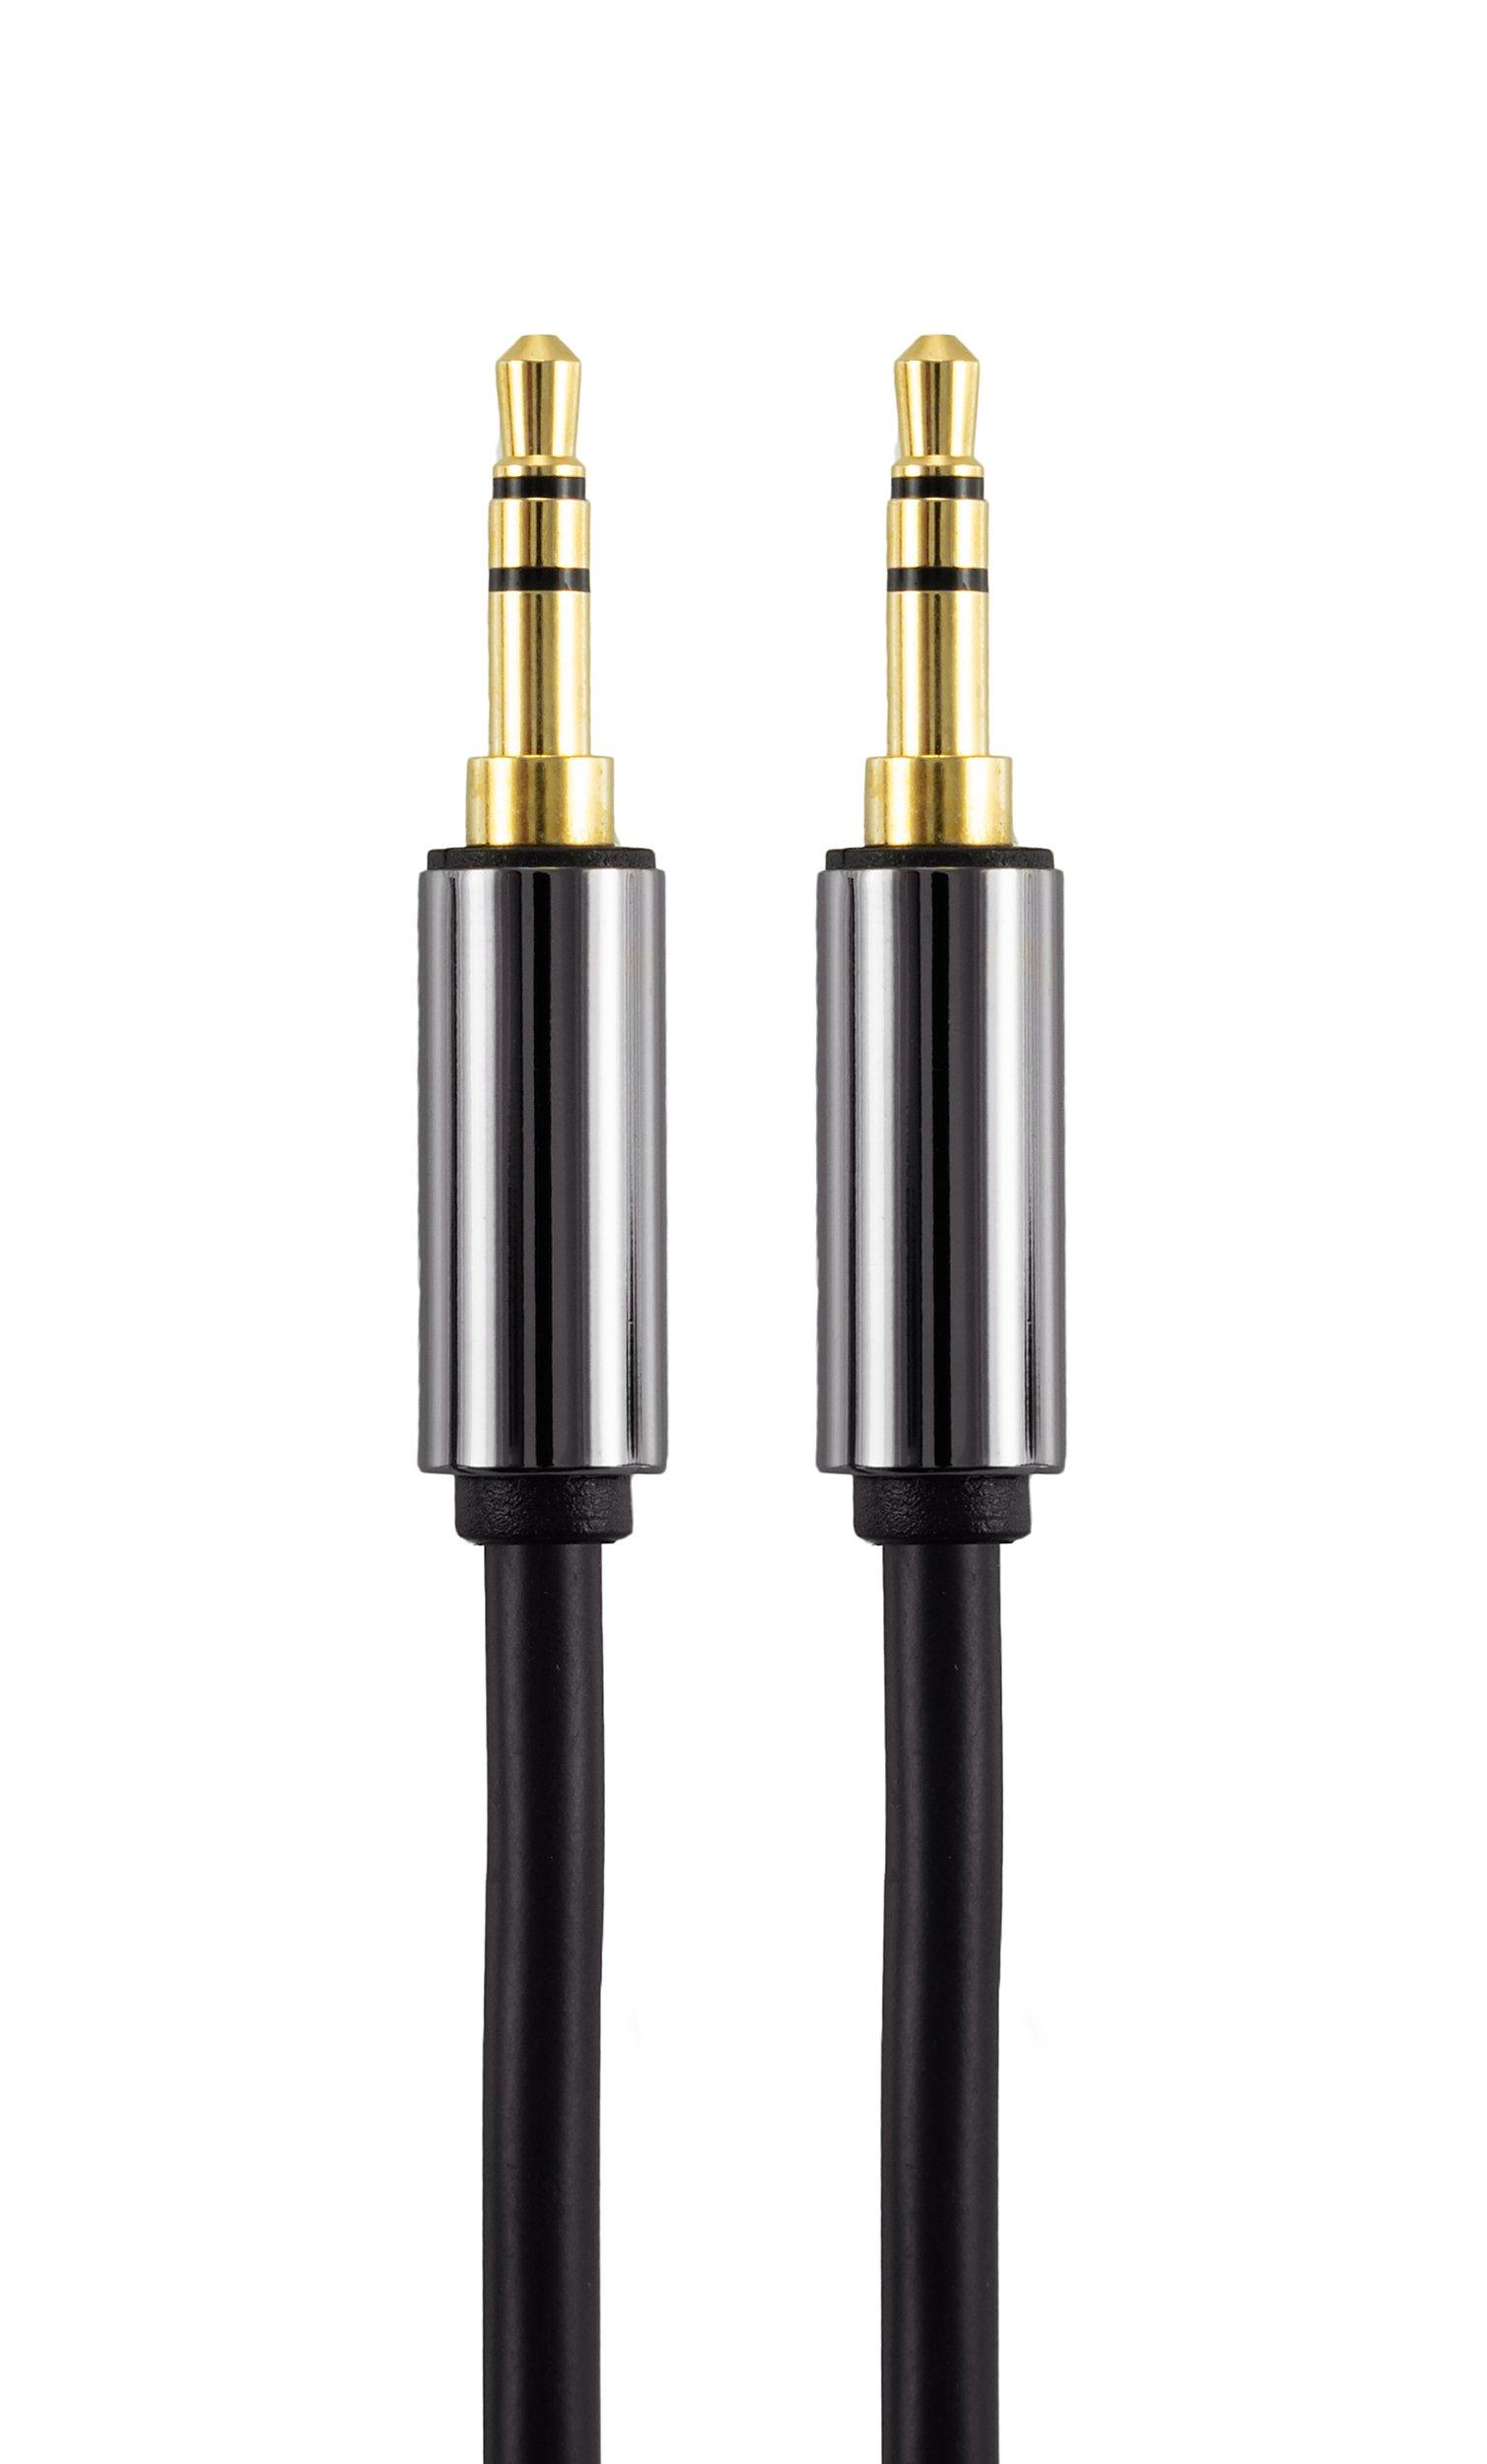 Poppstar-Klinkenkabel-vergoldete-Kontakte-Stecker-Gerade-auf-Gerade-mm